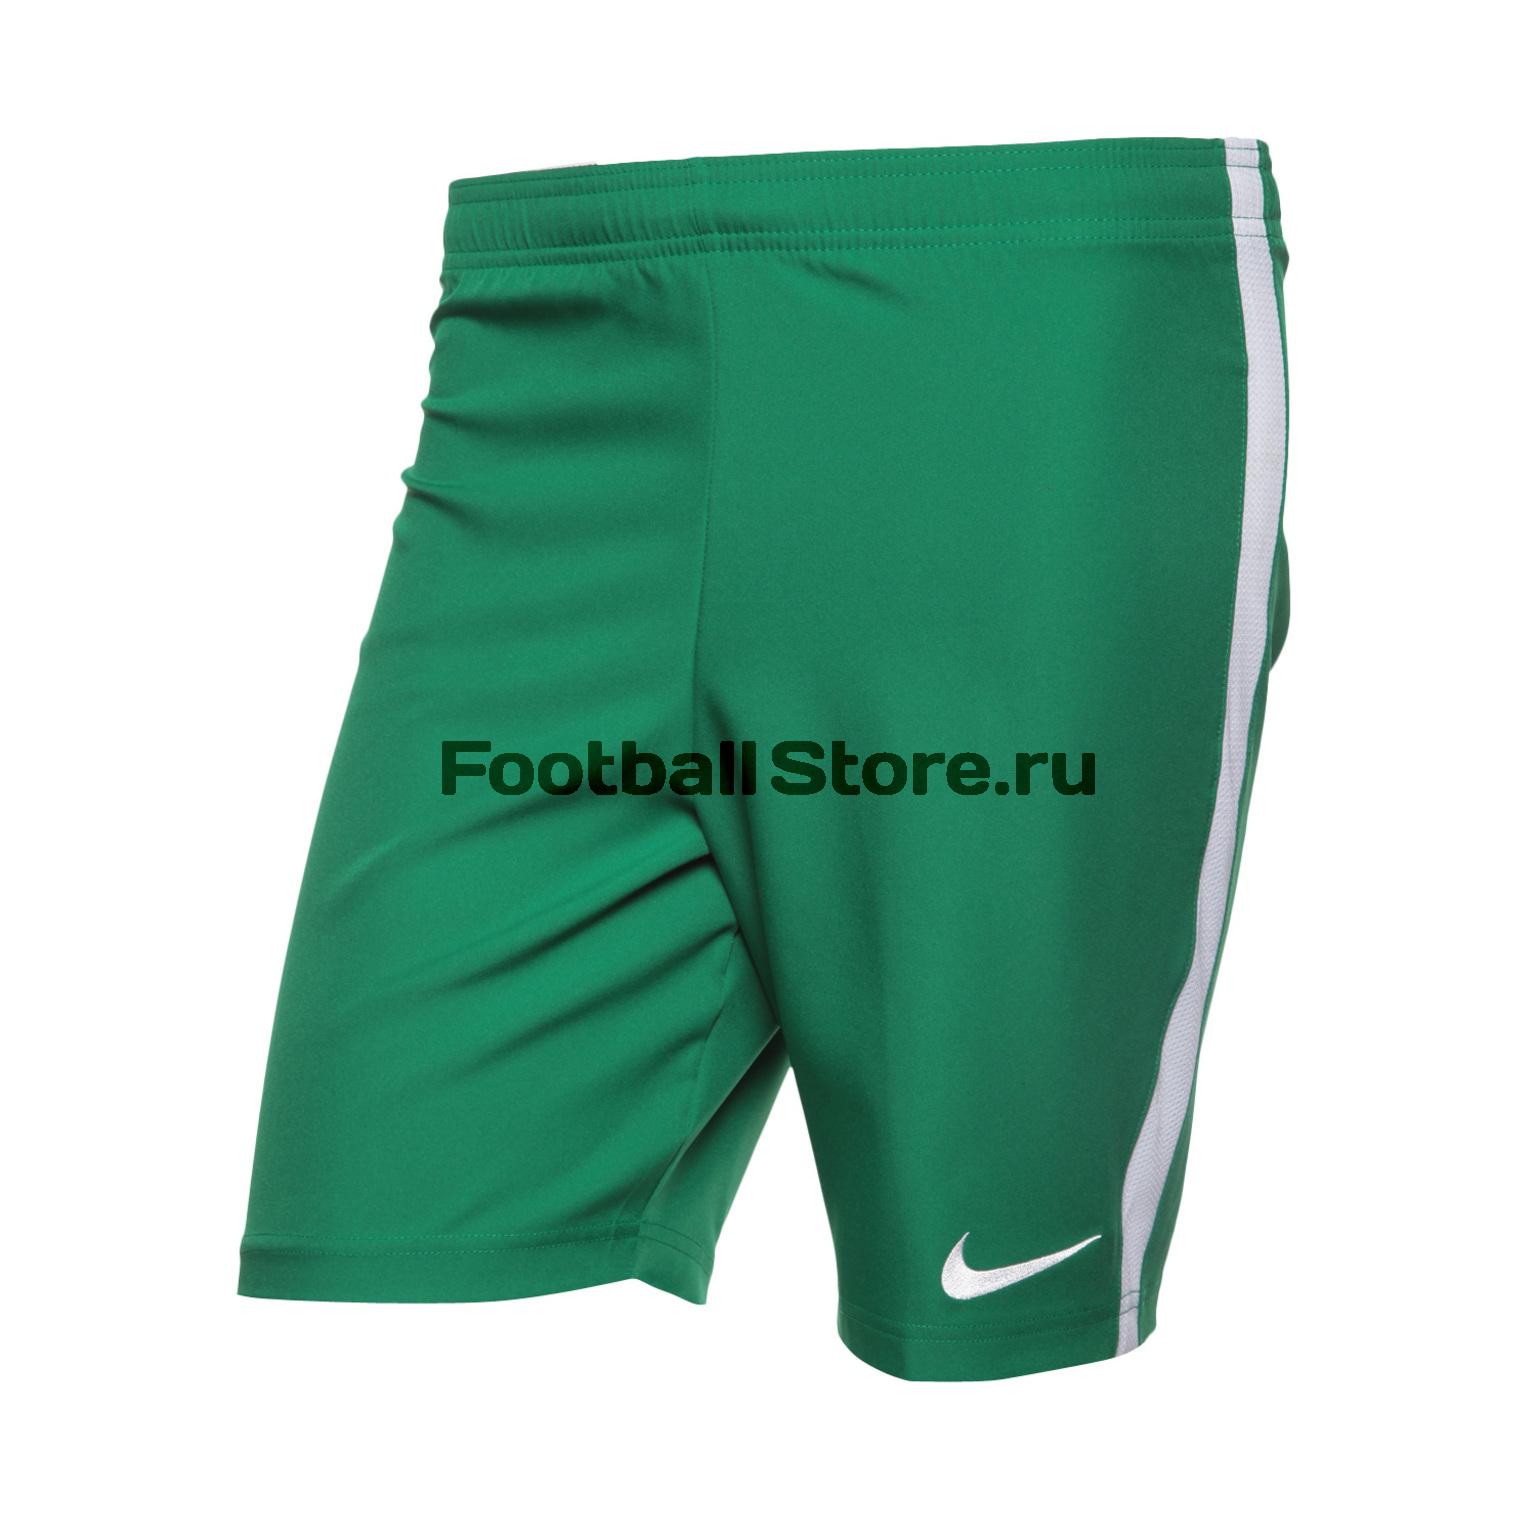 2792dcca Шорты игровые Nike Dry Short II WVN 894331-302 – купить в интернет магазине  footballstore, цена, фото